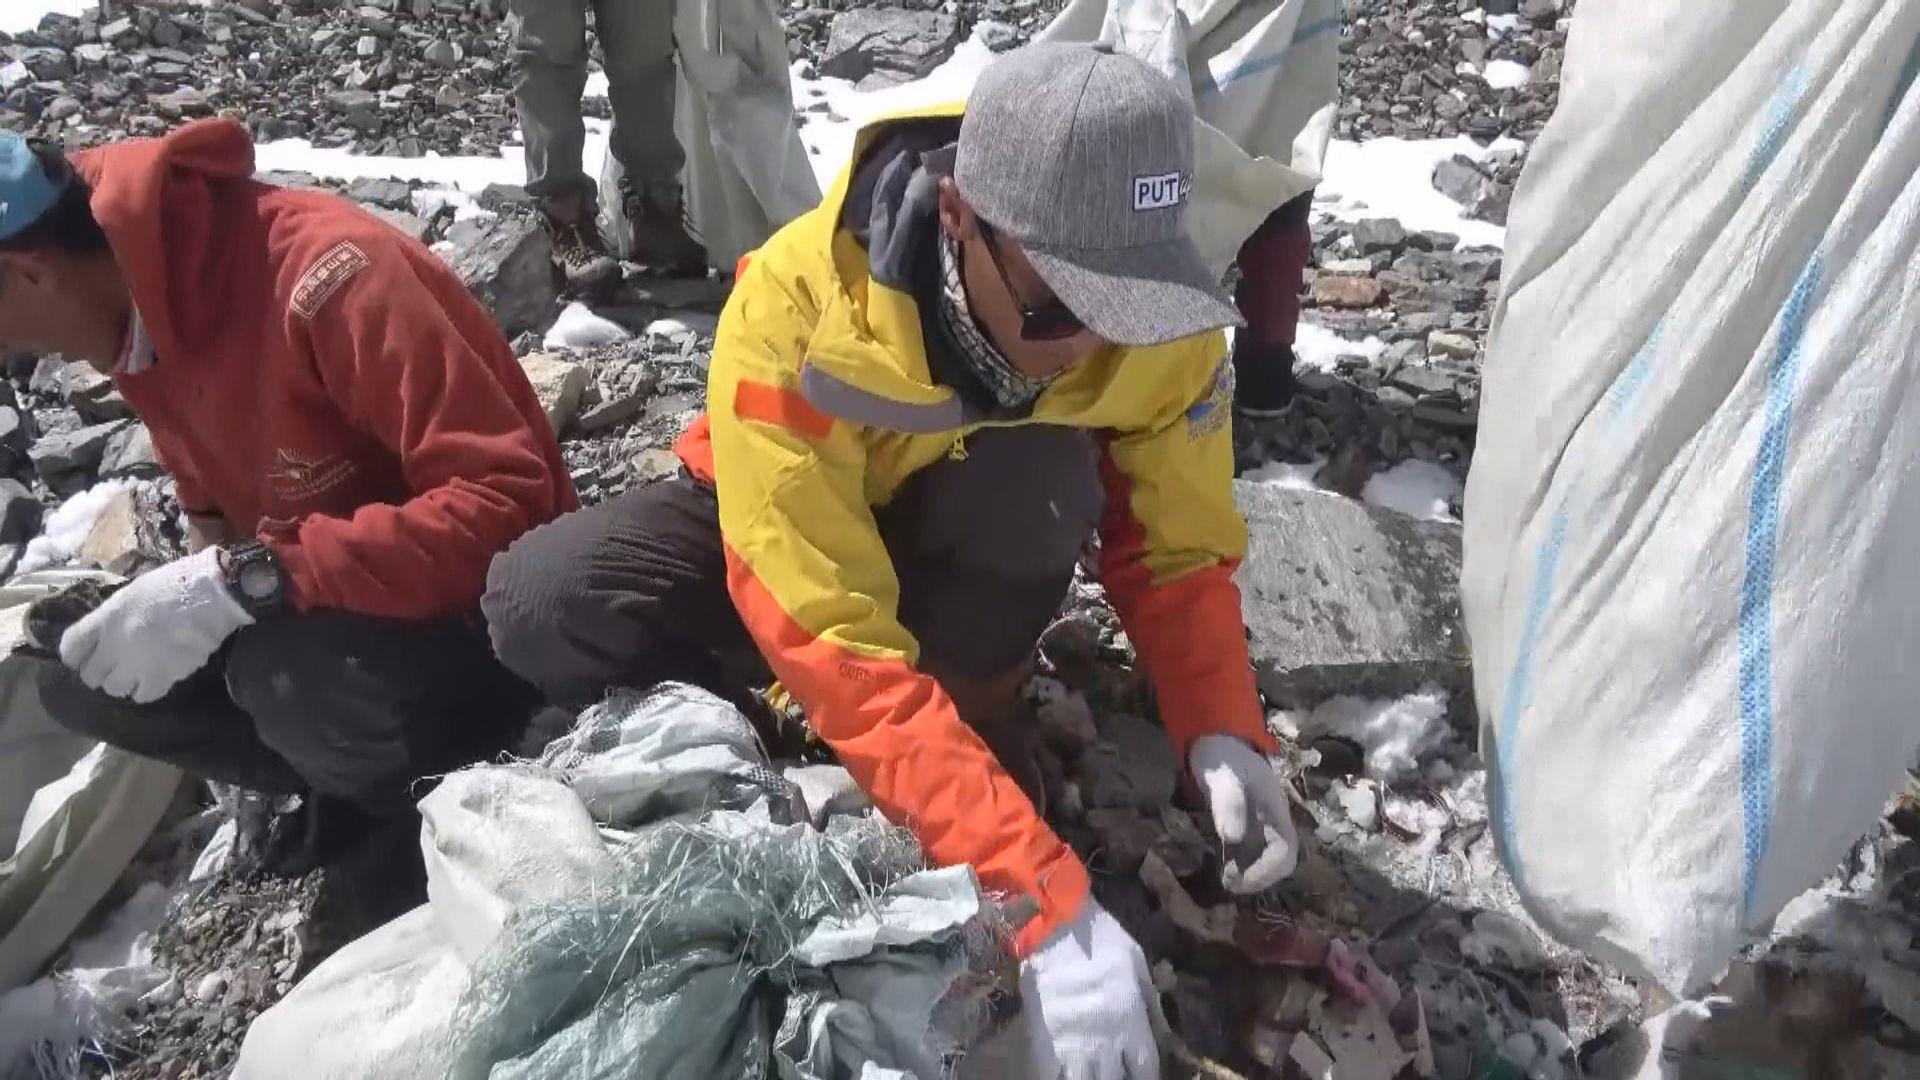 尼泊爾組織清潔隊清理珠穆朗瑪峰垃圾